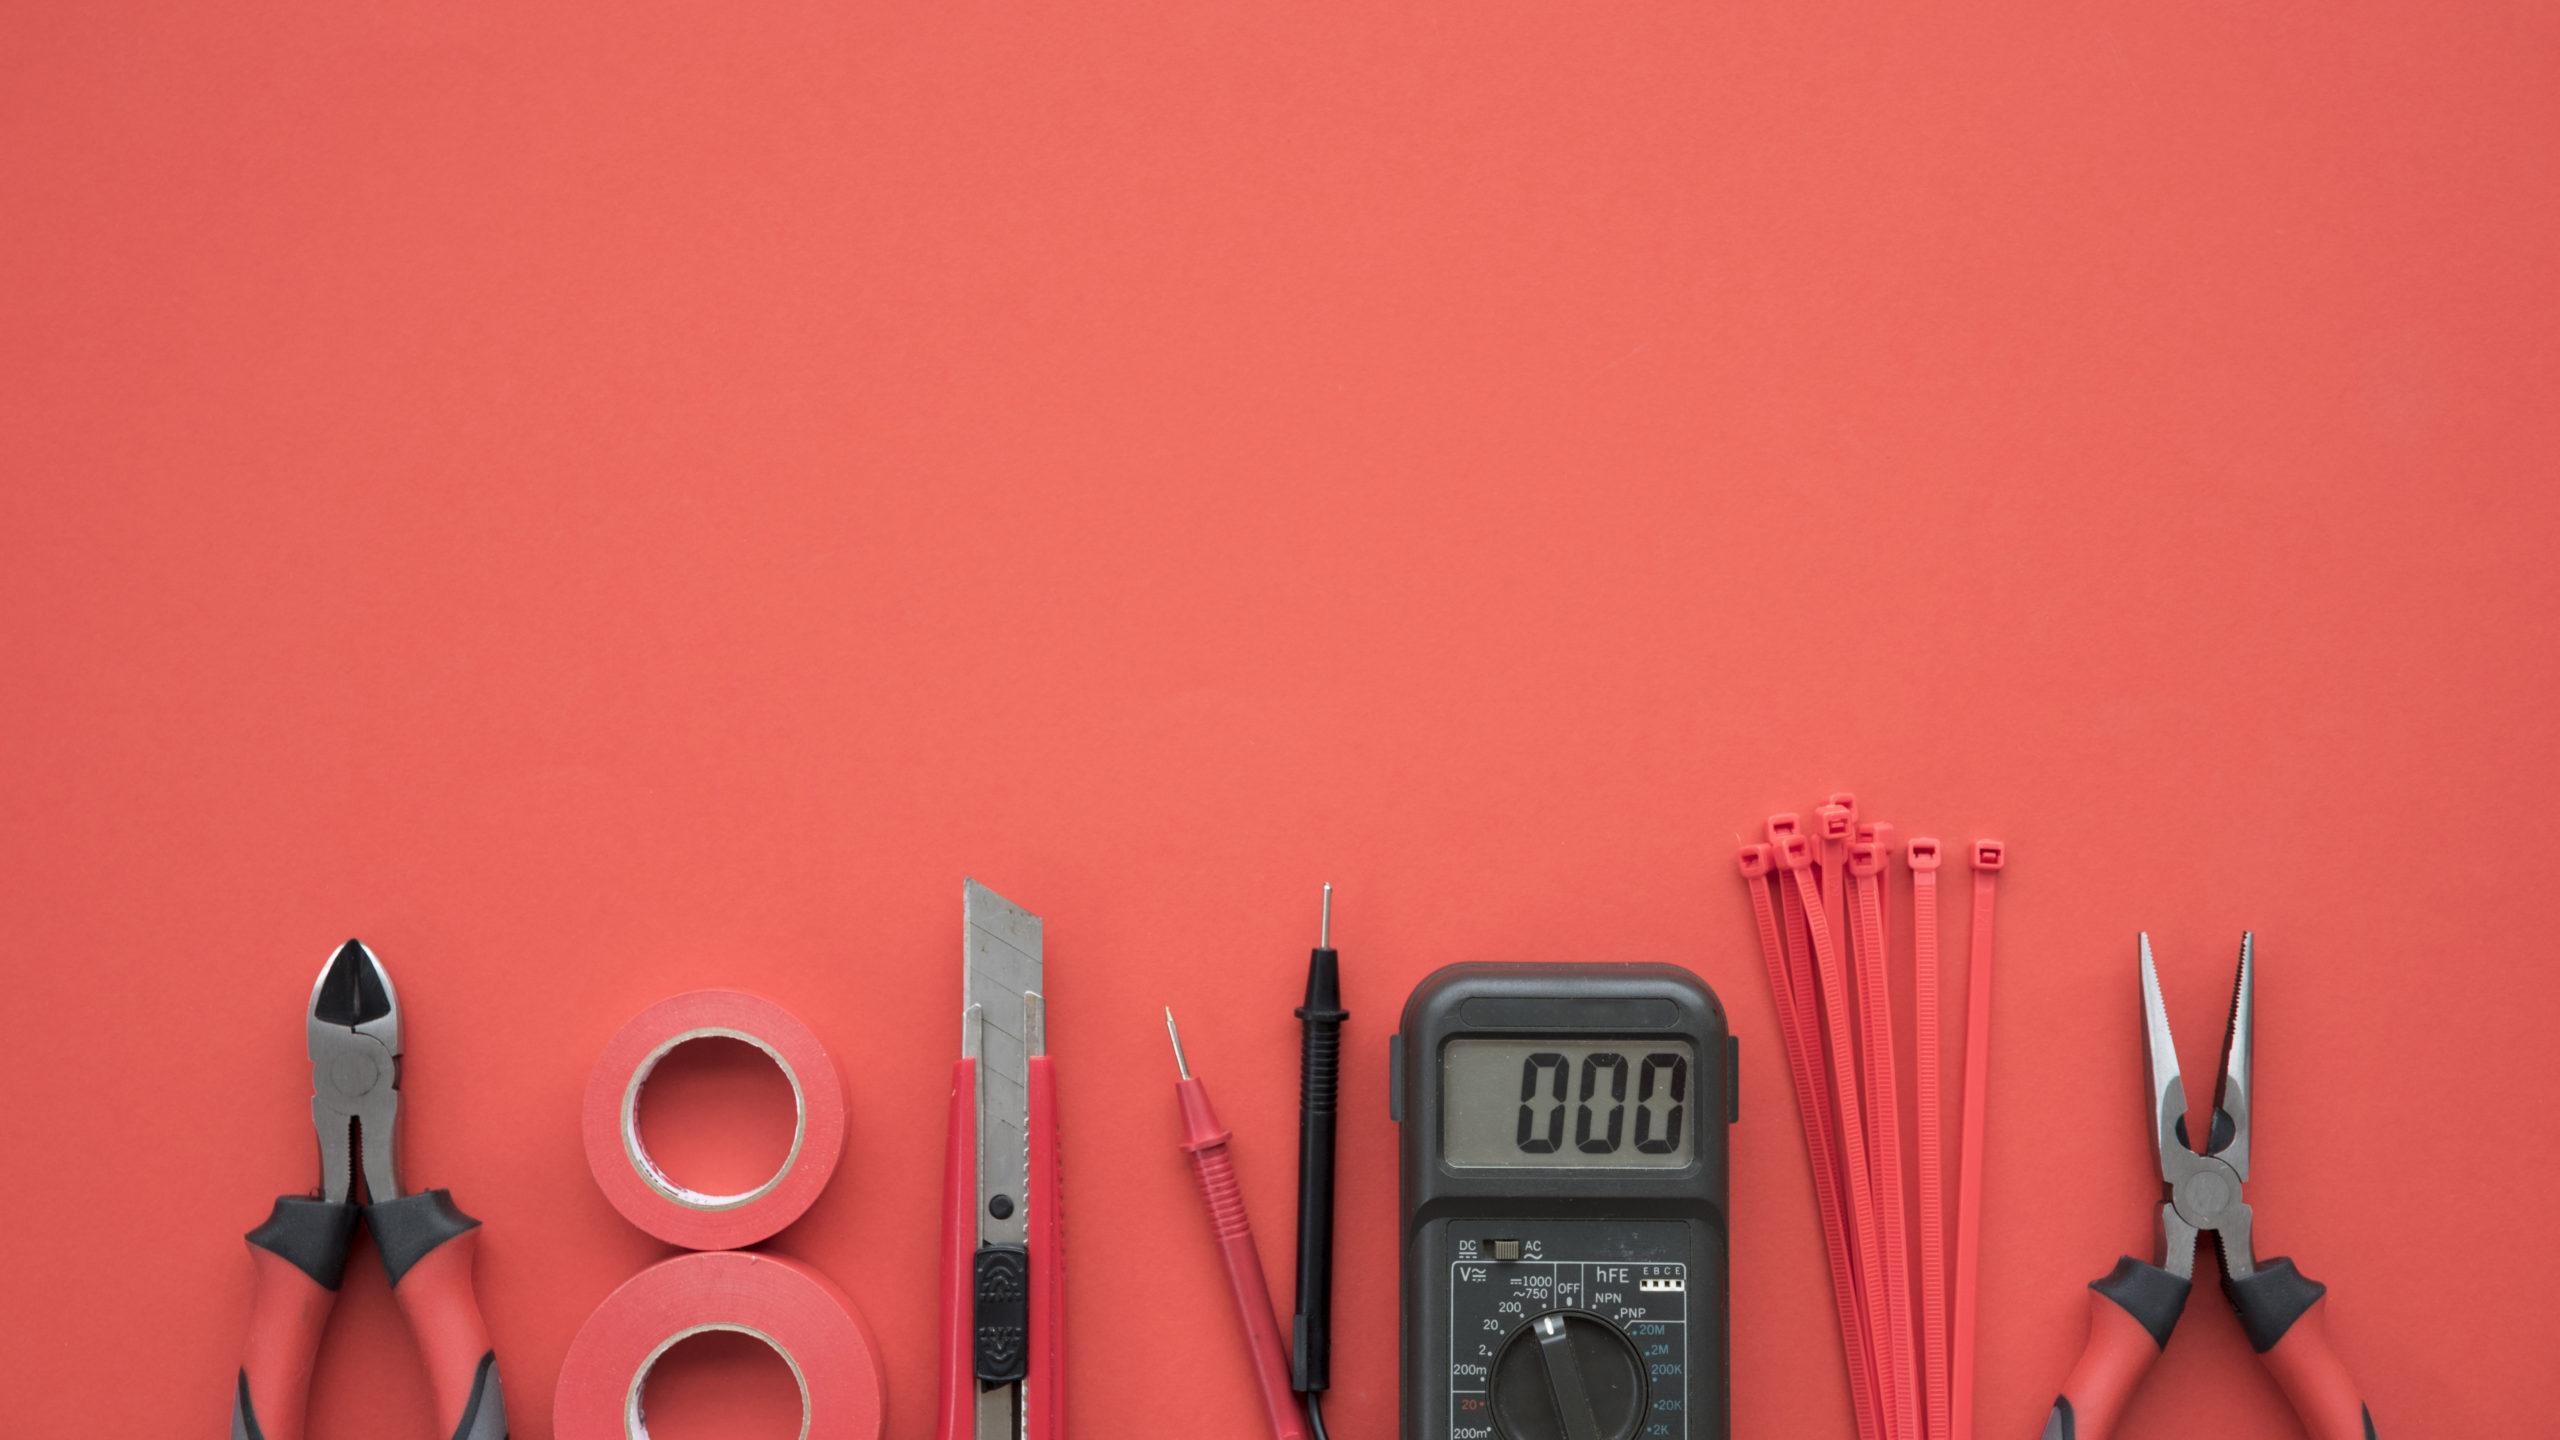 Как заряжать батарею лабораторным блоком